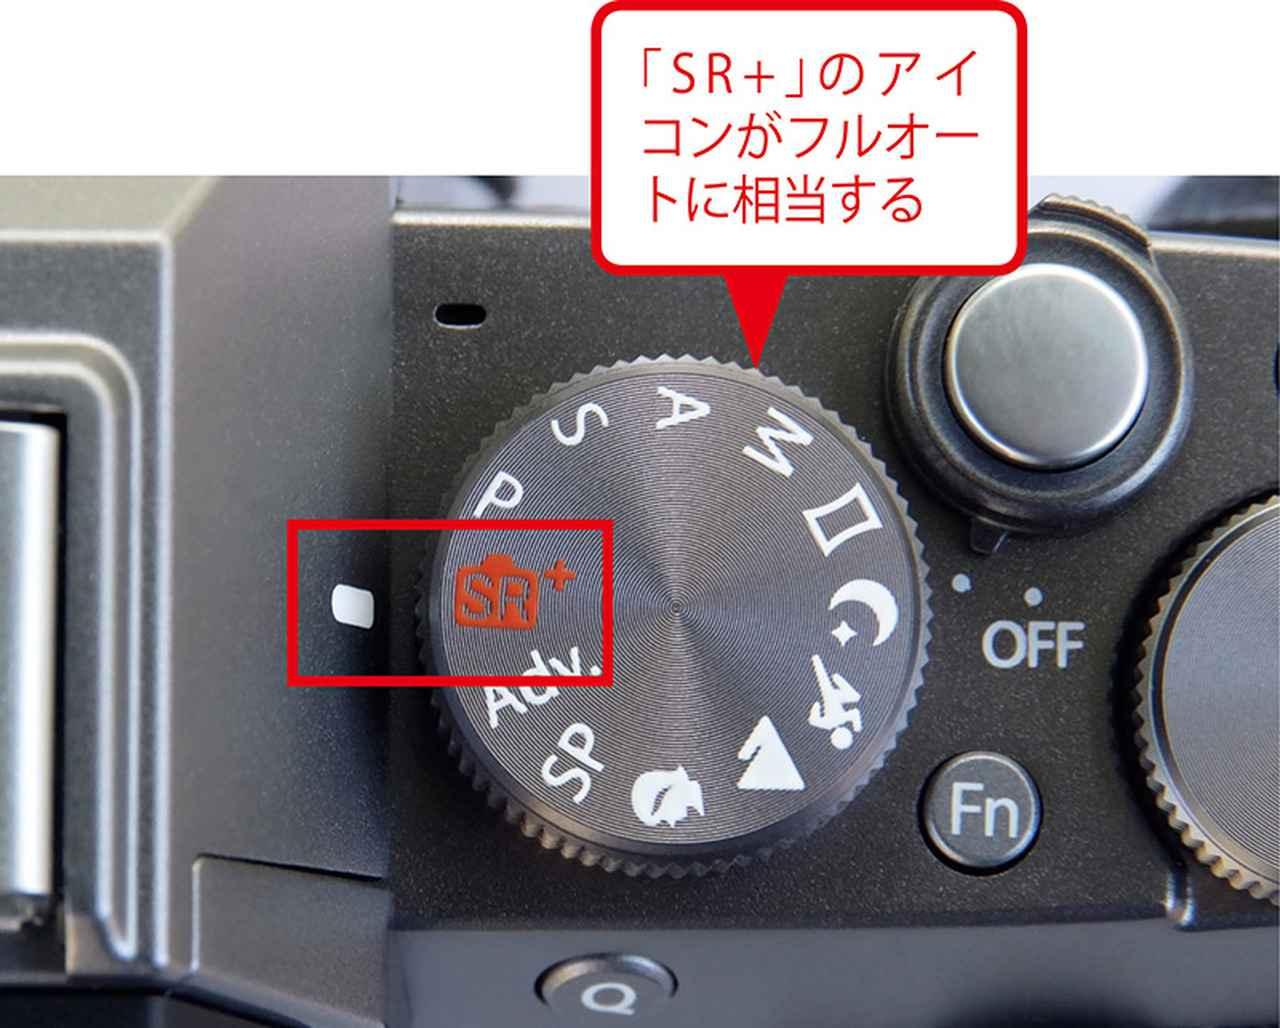 画像: X-T100の場合は、赤色の「SR+」と記載されたカメラのアイコン。名称は「アドバンストSRオート」で、AFは常にピント合わせを続ける。